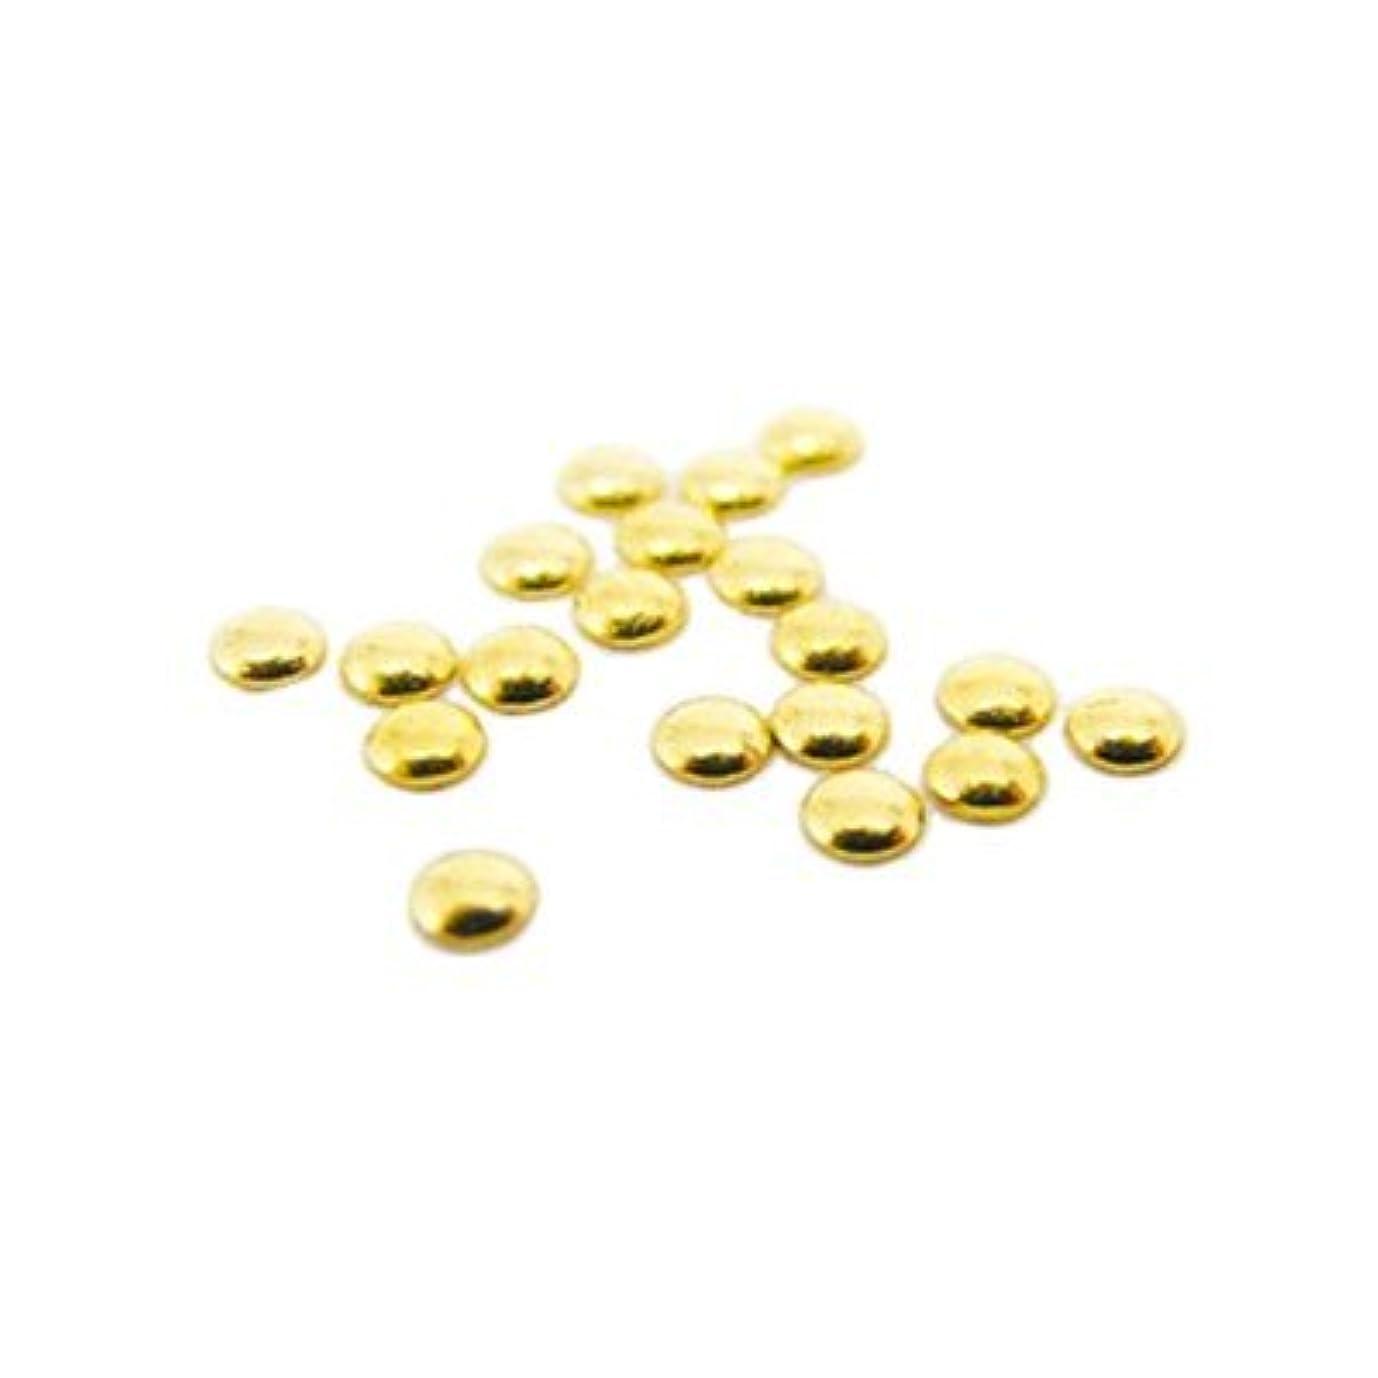 ベンチ能力雑多なピアドラ スタッズ 1.5mm 500P ゴールド